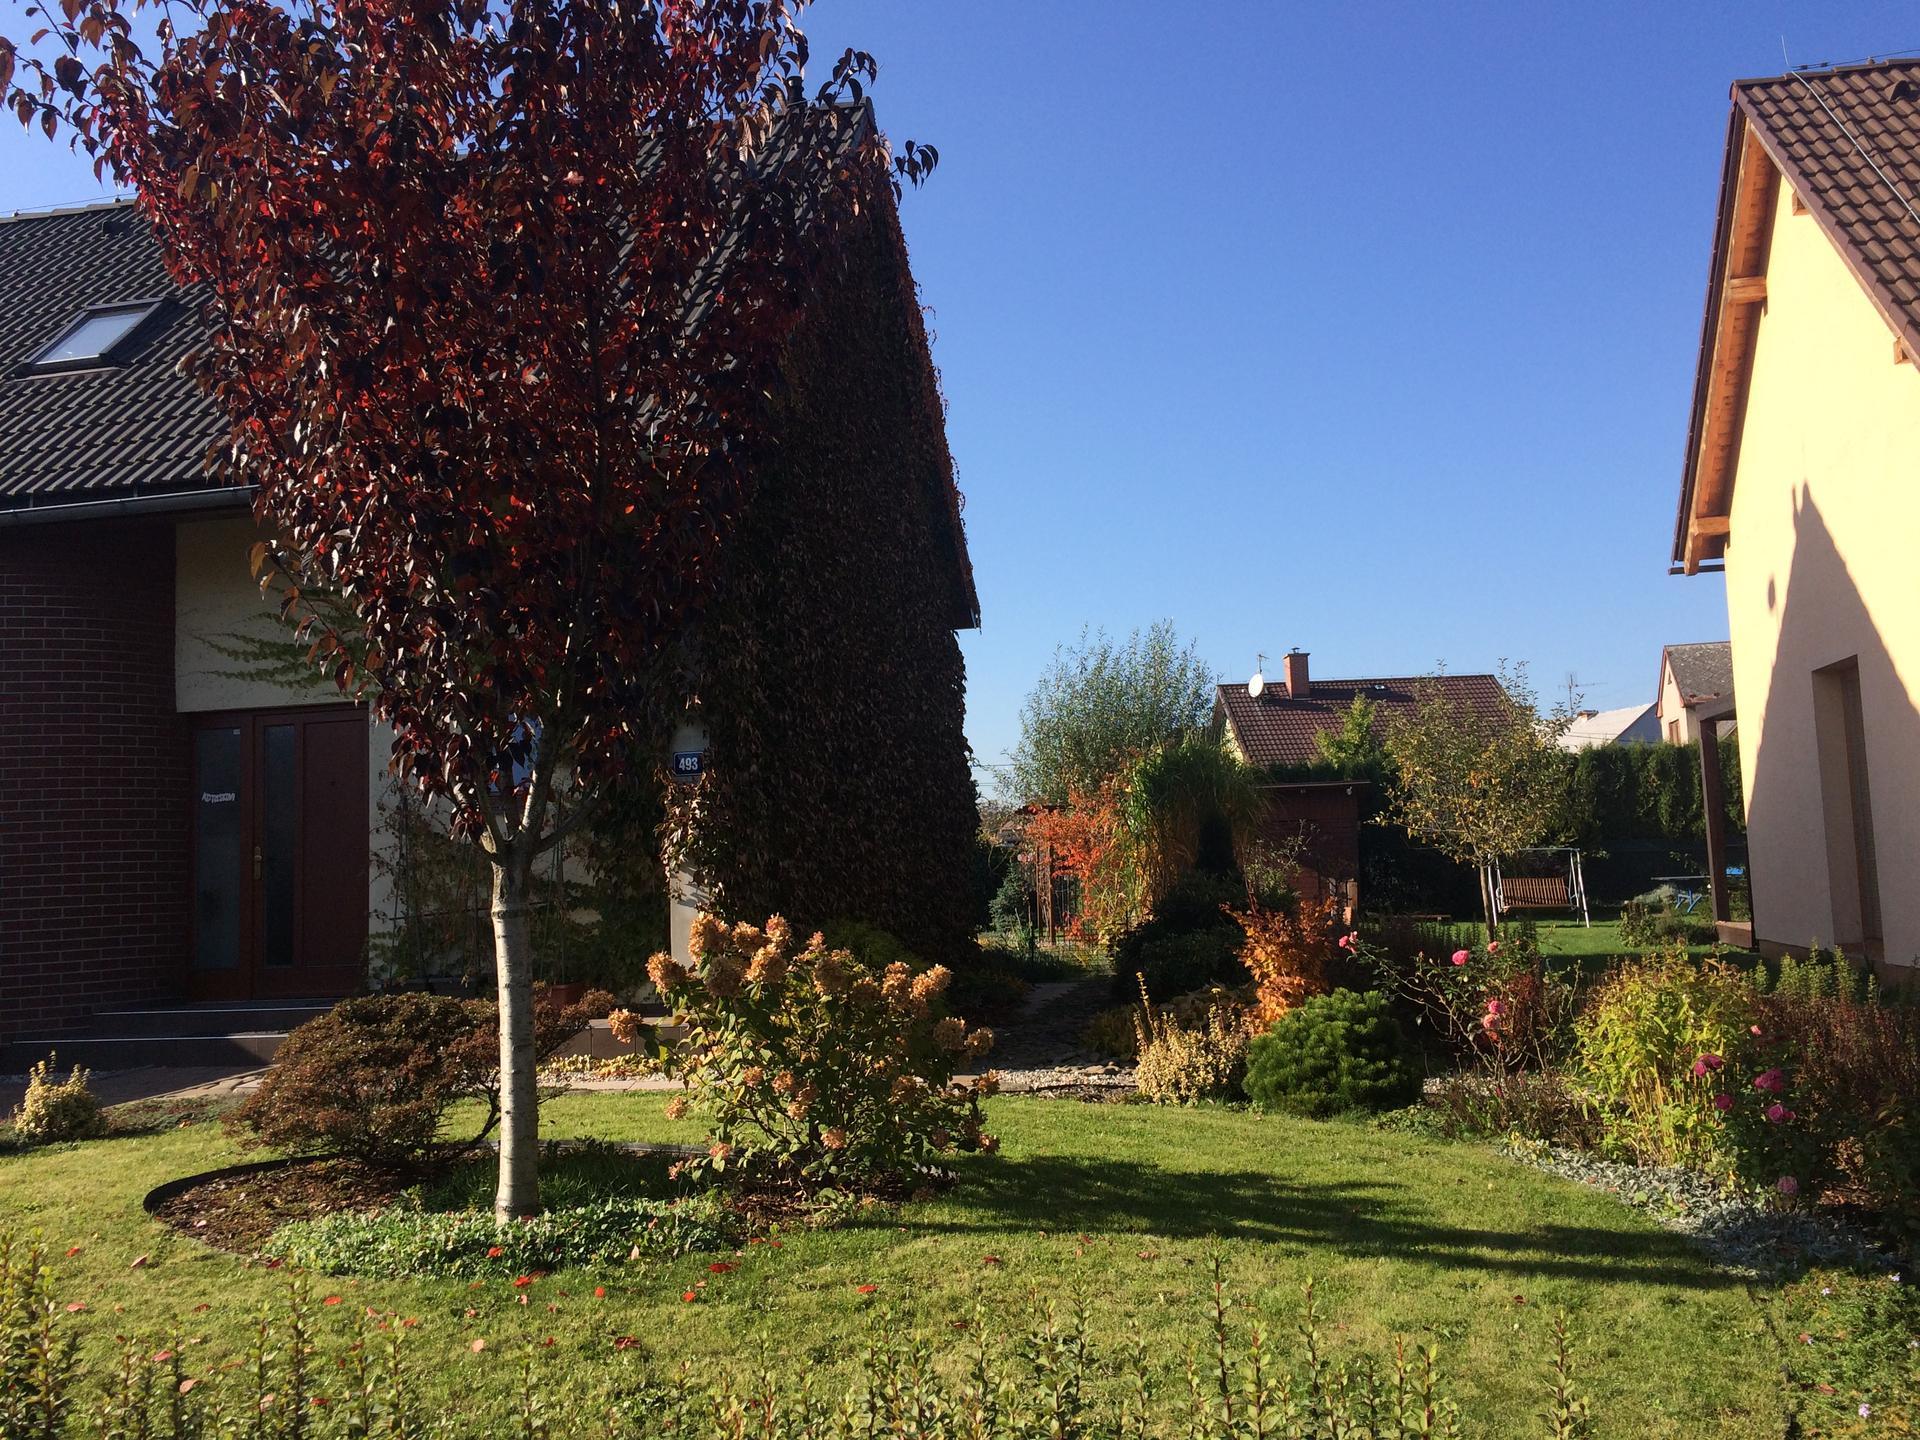 Dům i Zahrada 2019 - Obrázek č. 371